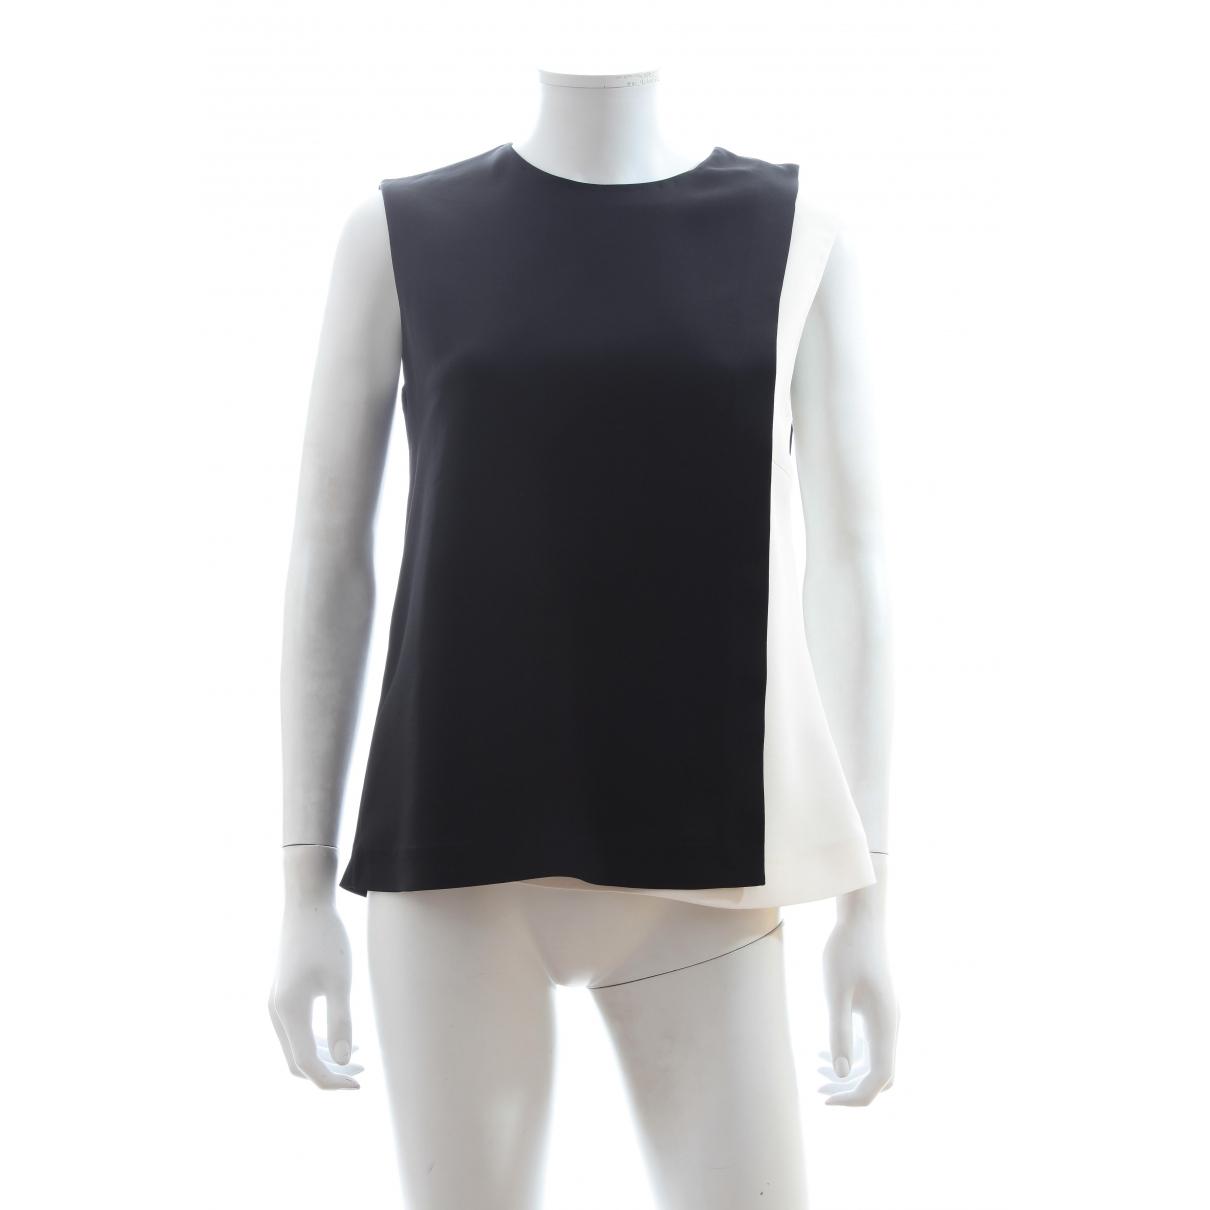 Fendi \N Black  top for Women 42 IT